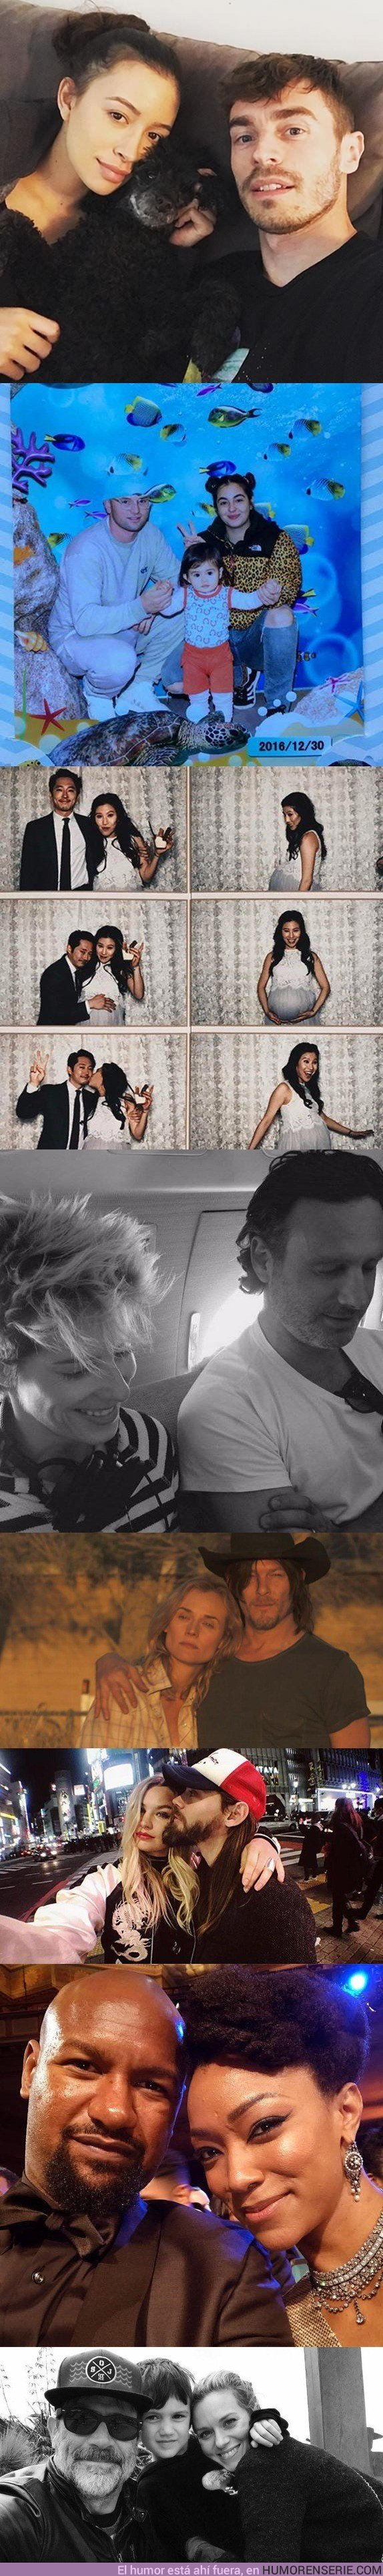 22916 - GALERÍA: Estas son las parejas sentimentales de los protagonistas de The Walking Dead